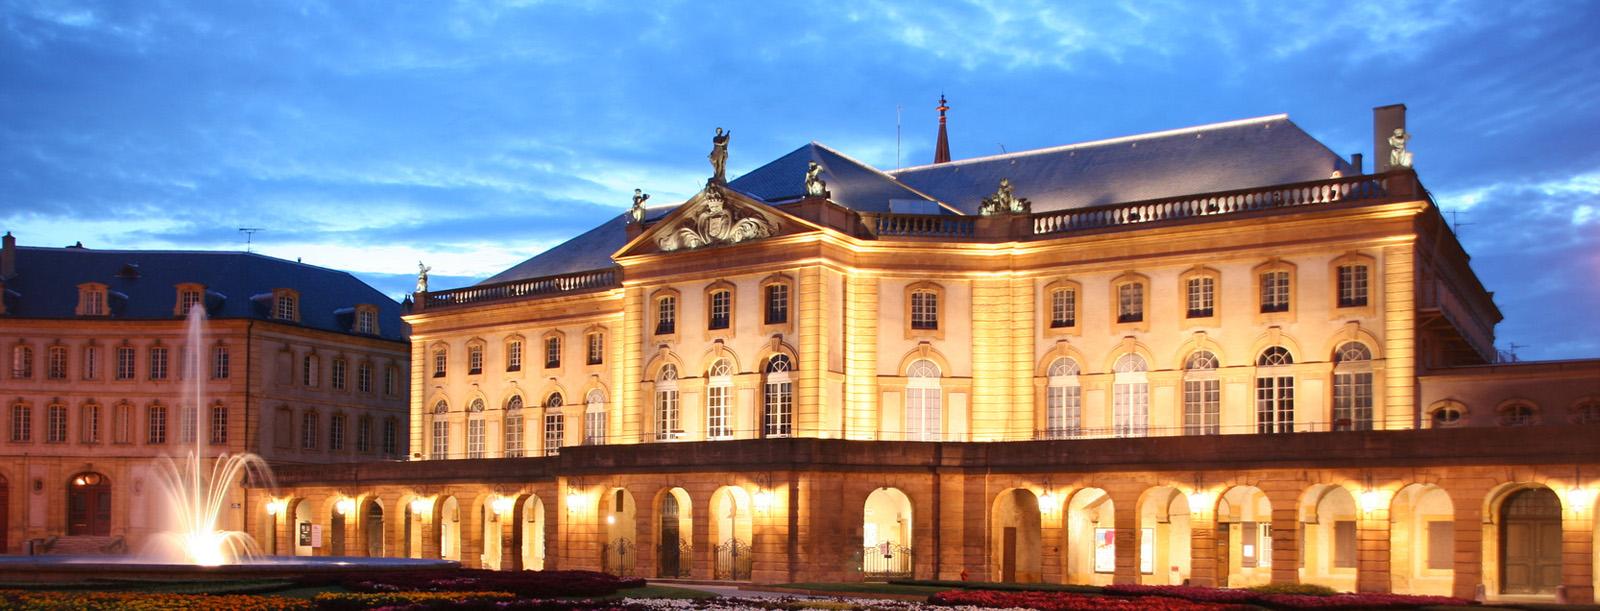 L'Opéra Théâtre à Metz